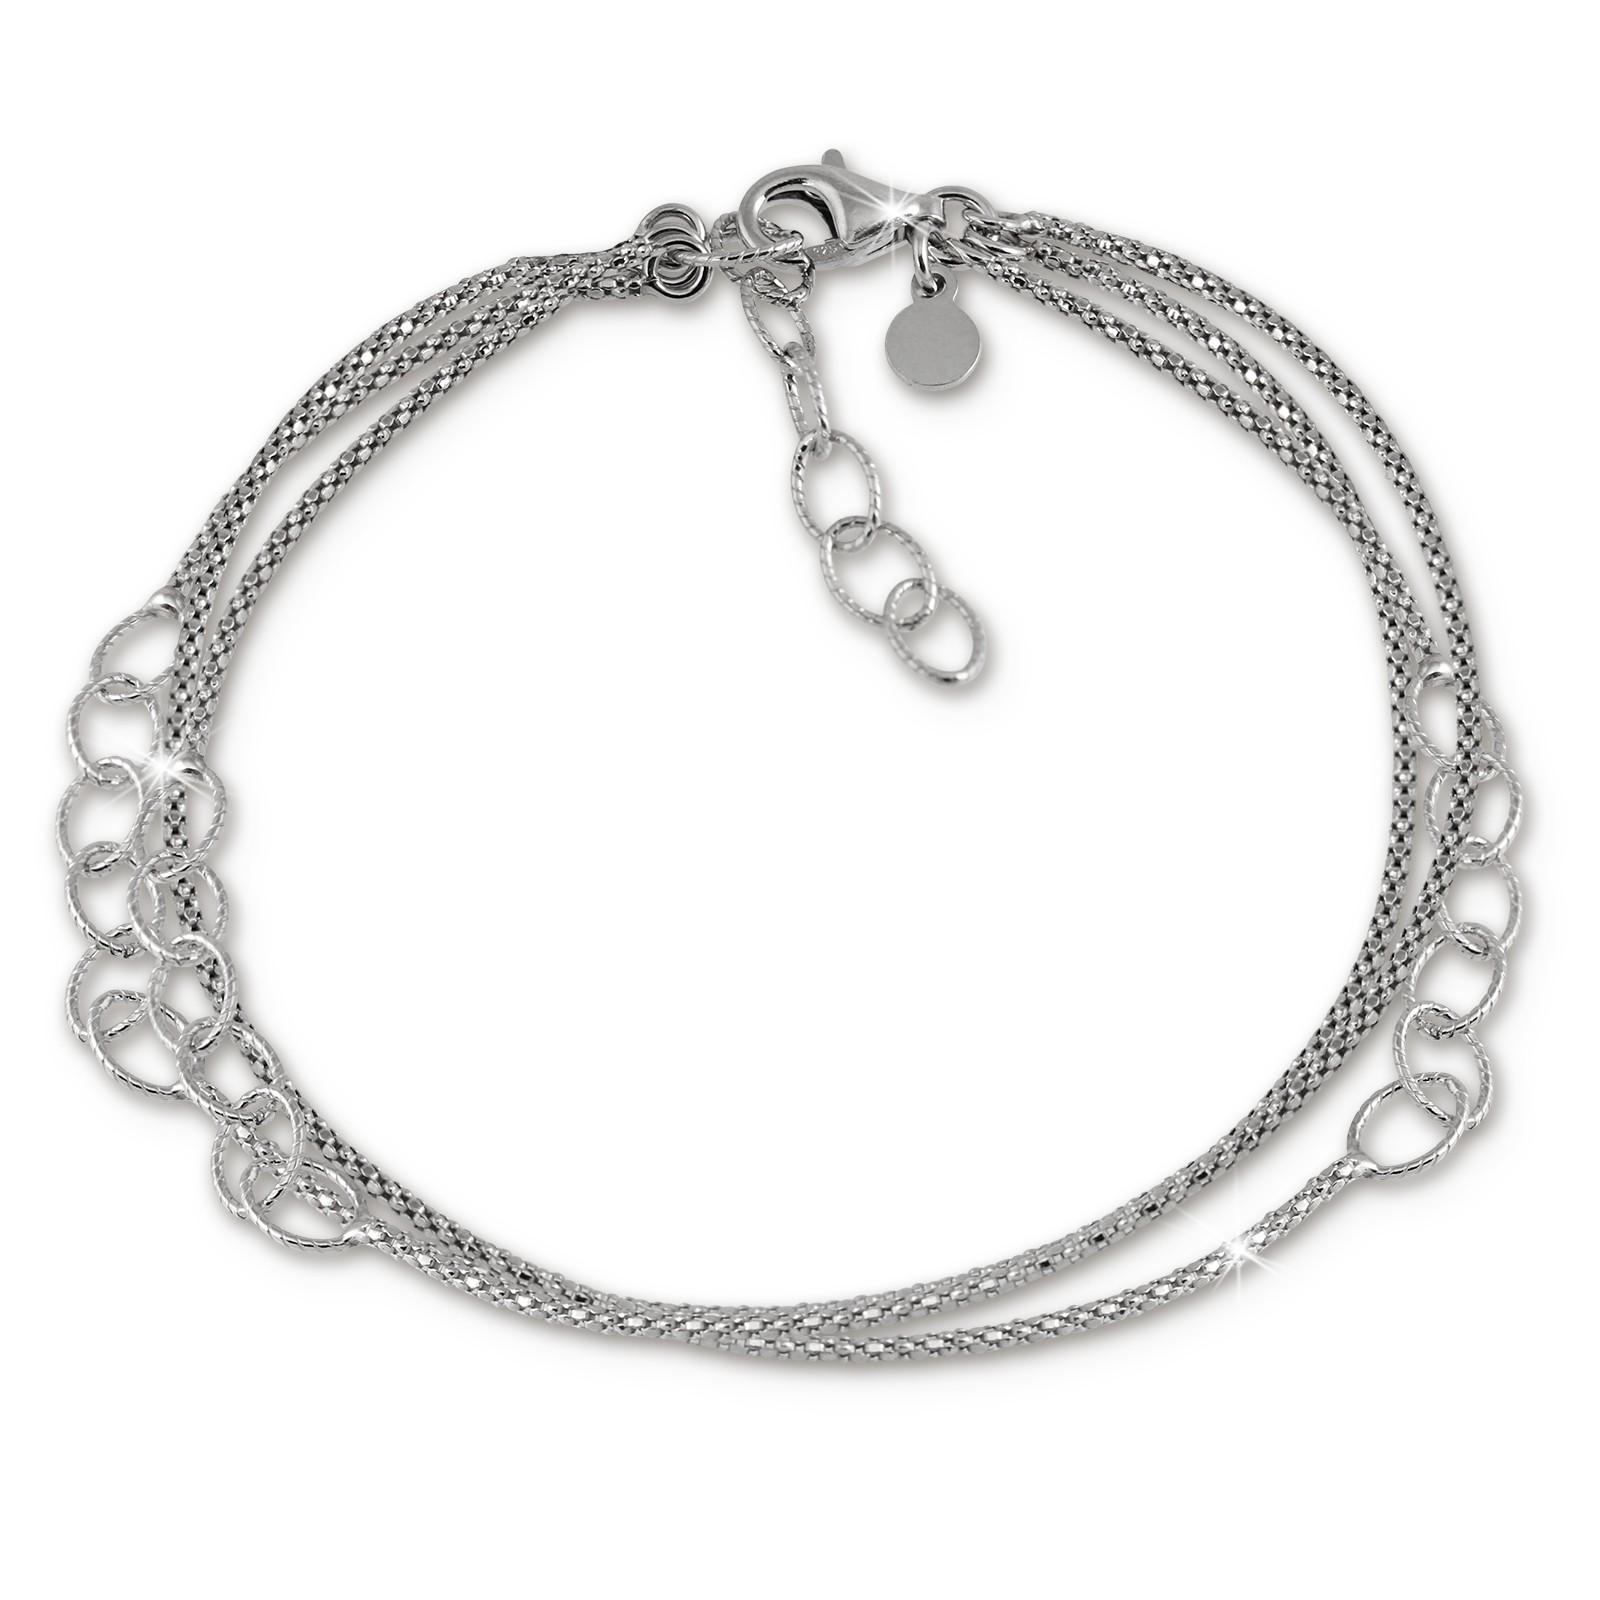 SilberDream Armband Ringe 925 Sterling Silber Damen 18cm - 21cm SDA1178J